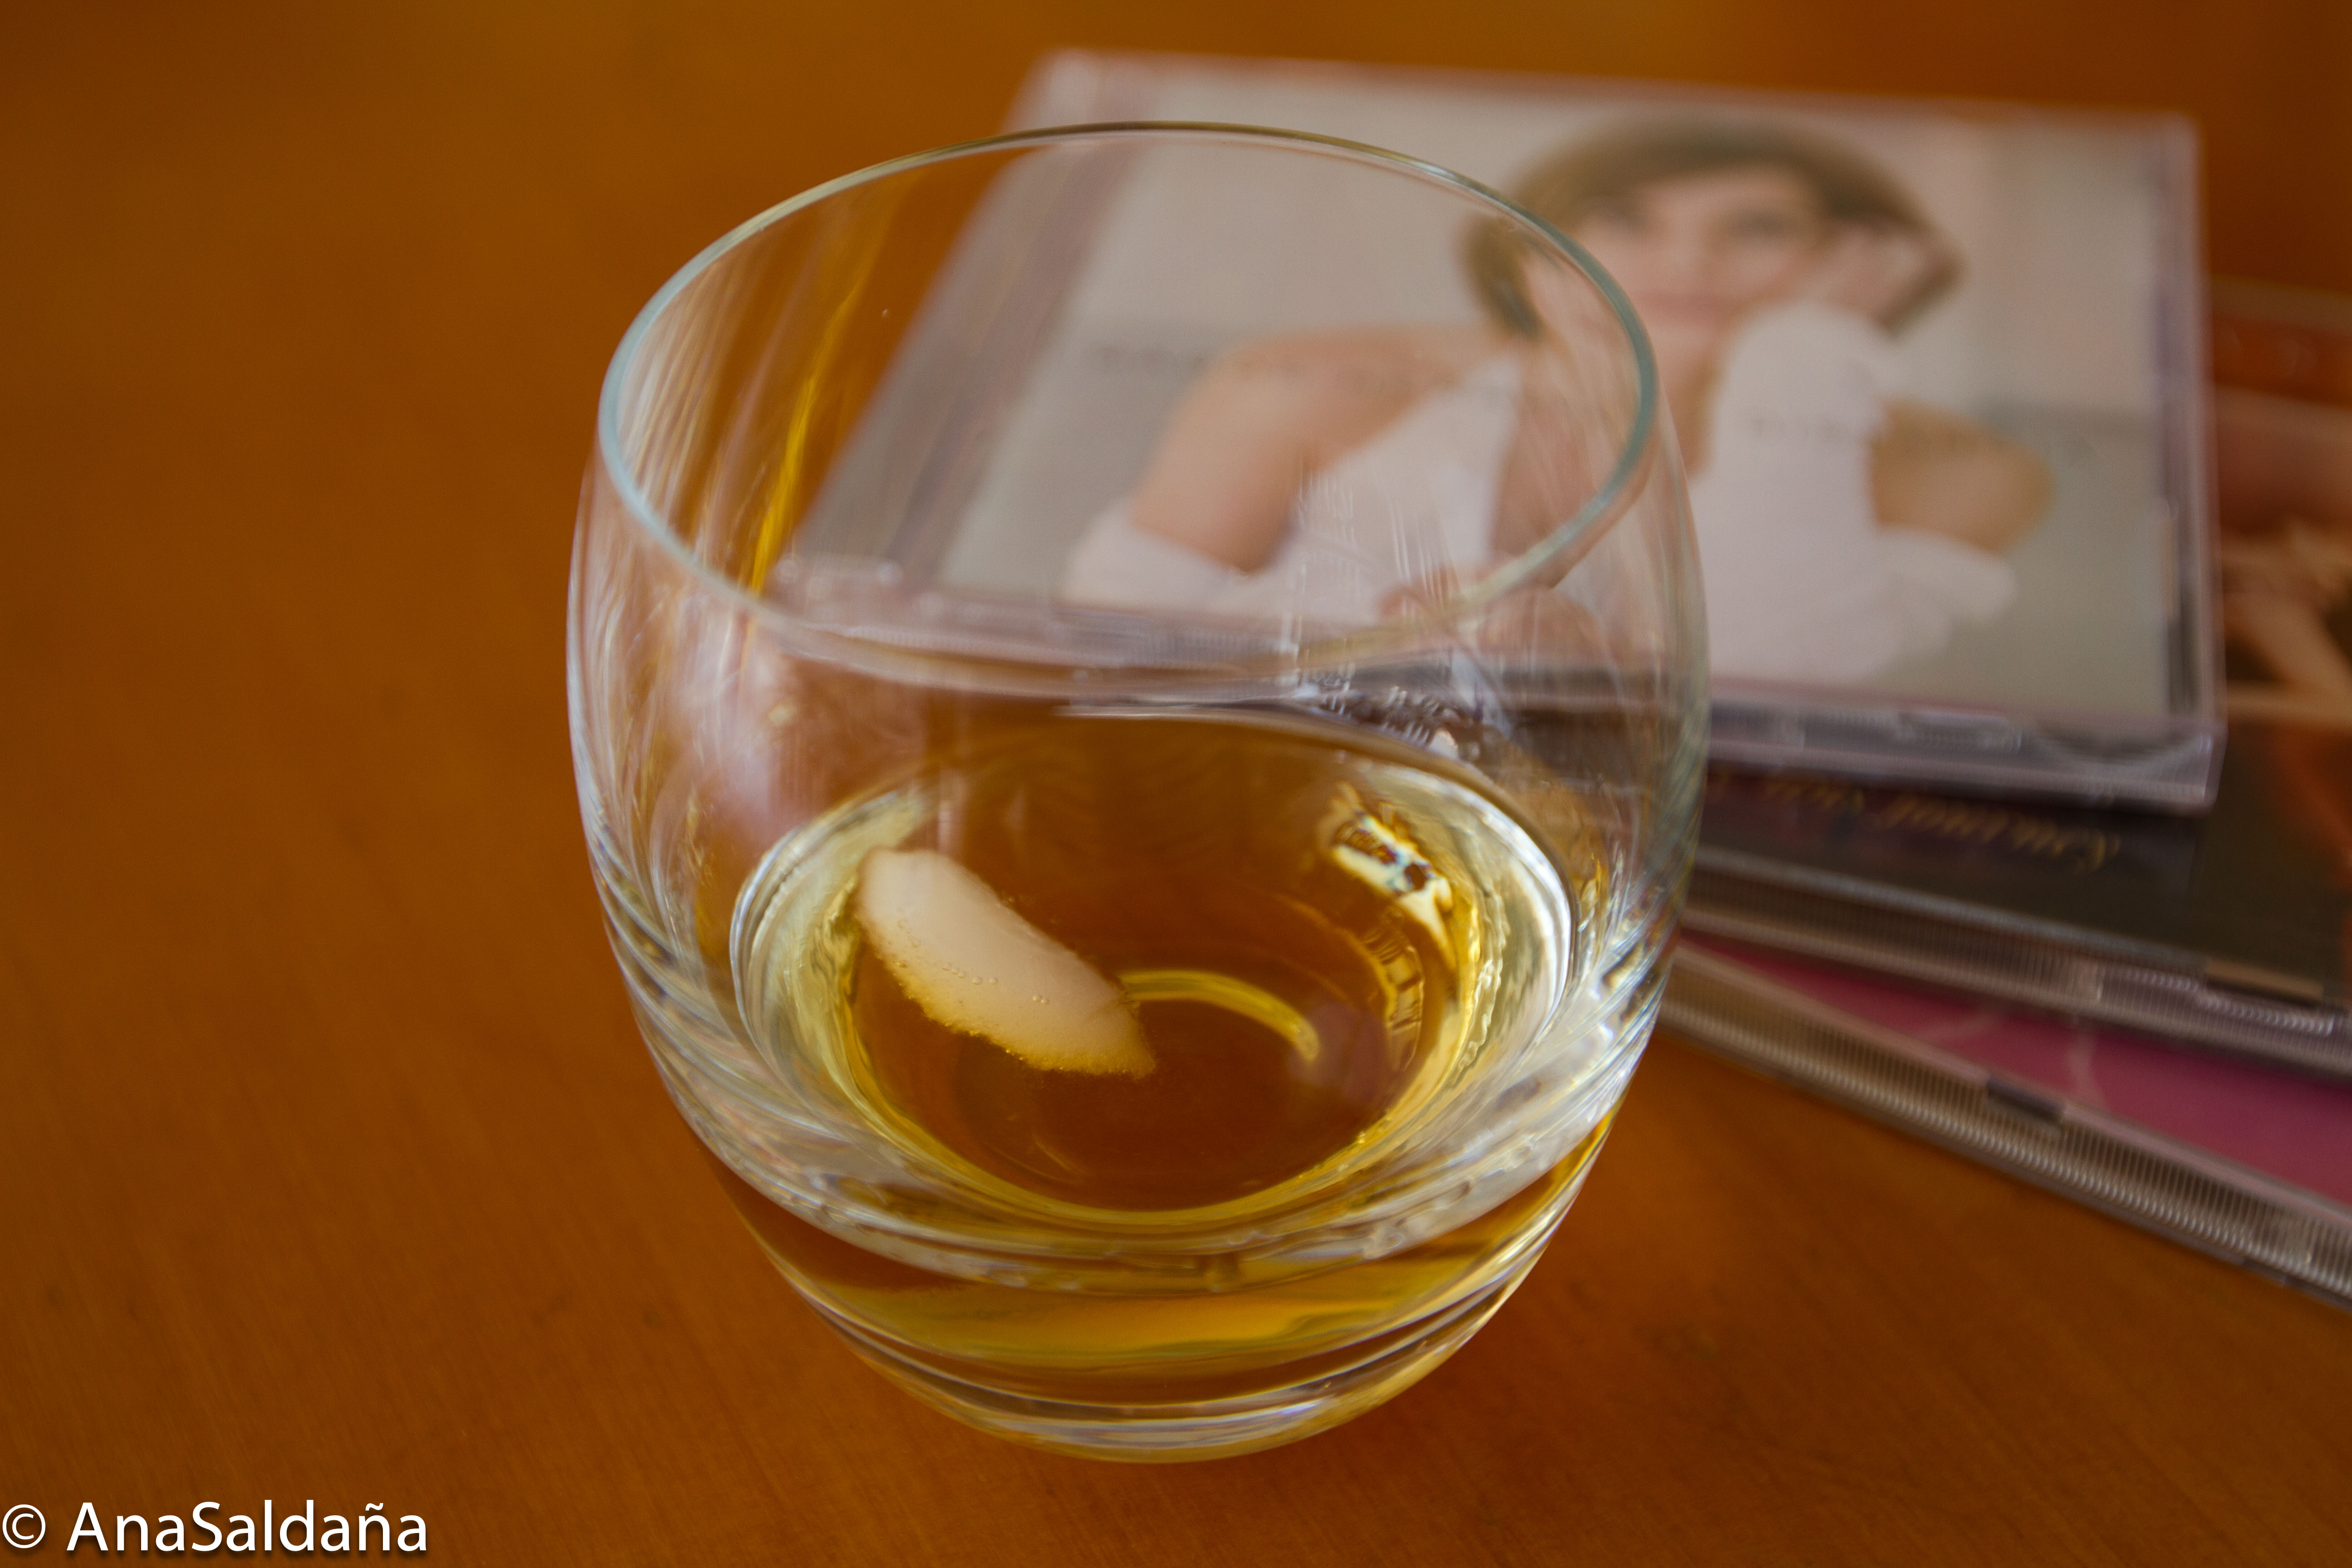 Ana whisky5